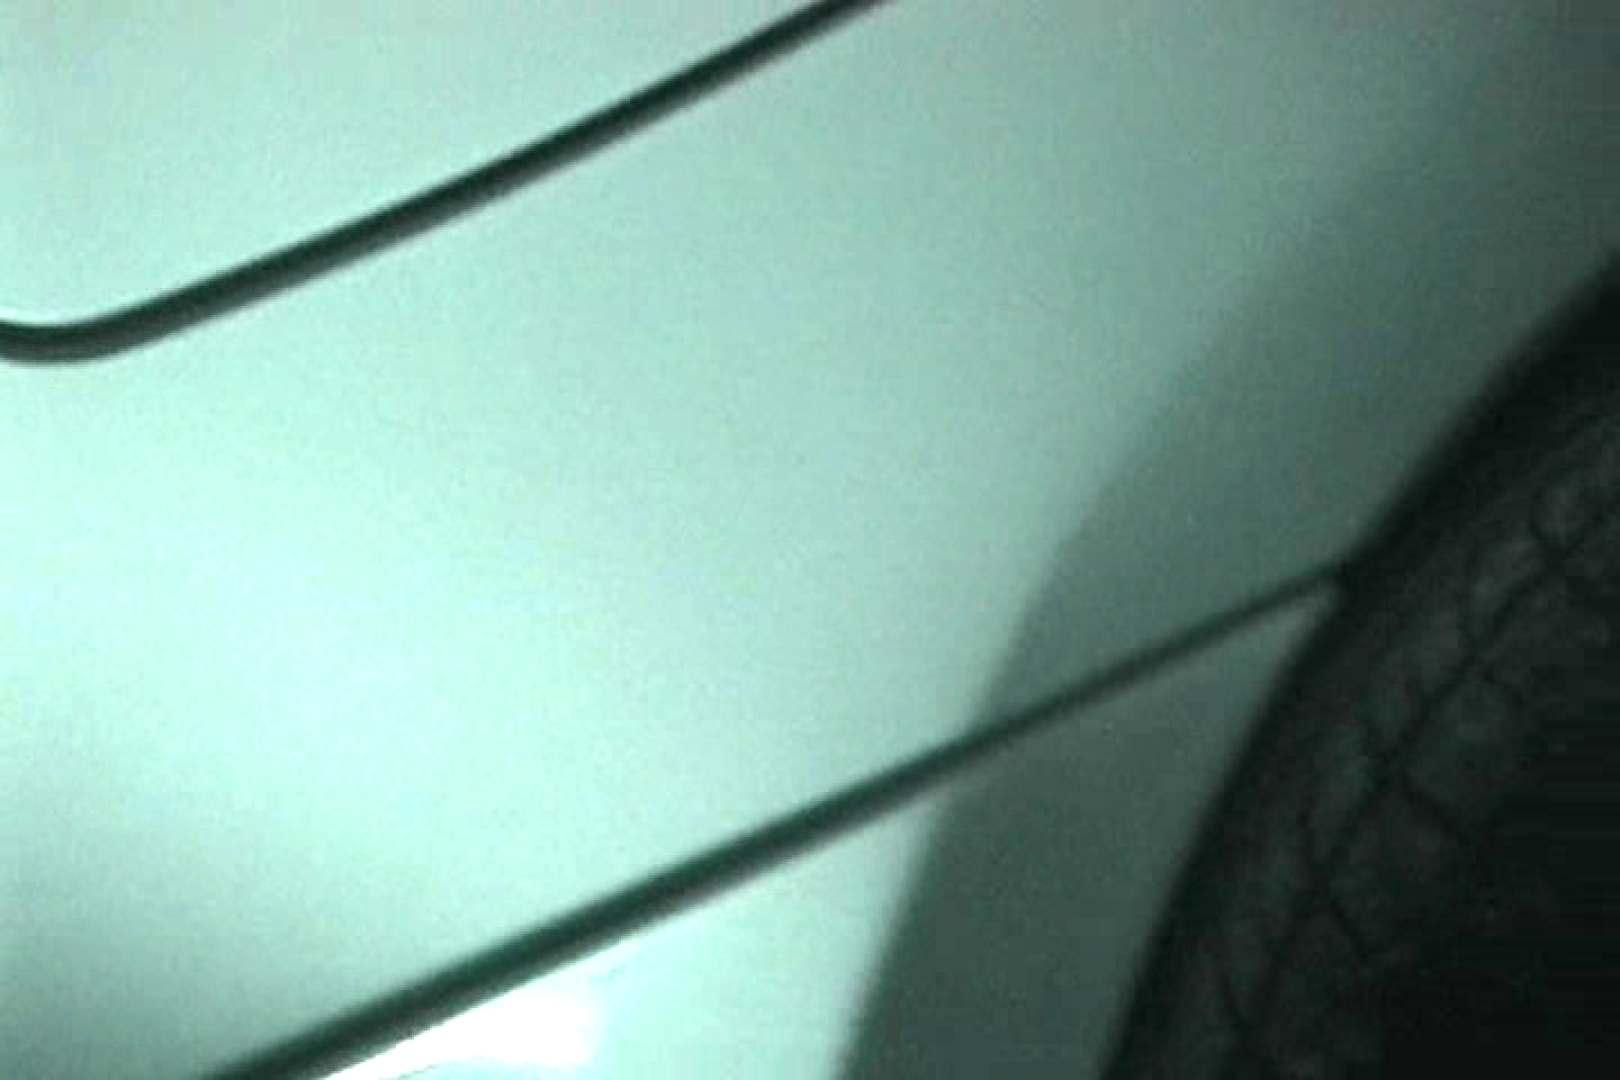 充血監督の深夜の運動会Vol.13 エロティックなOL  60画像 14